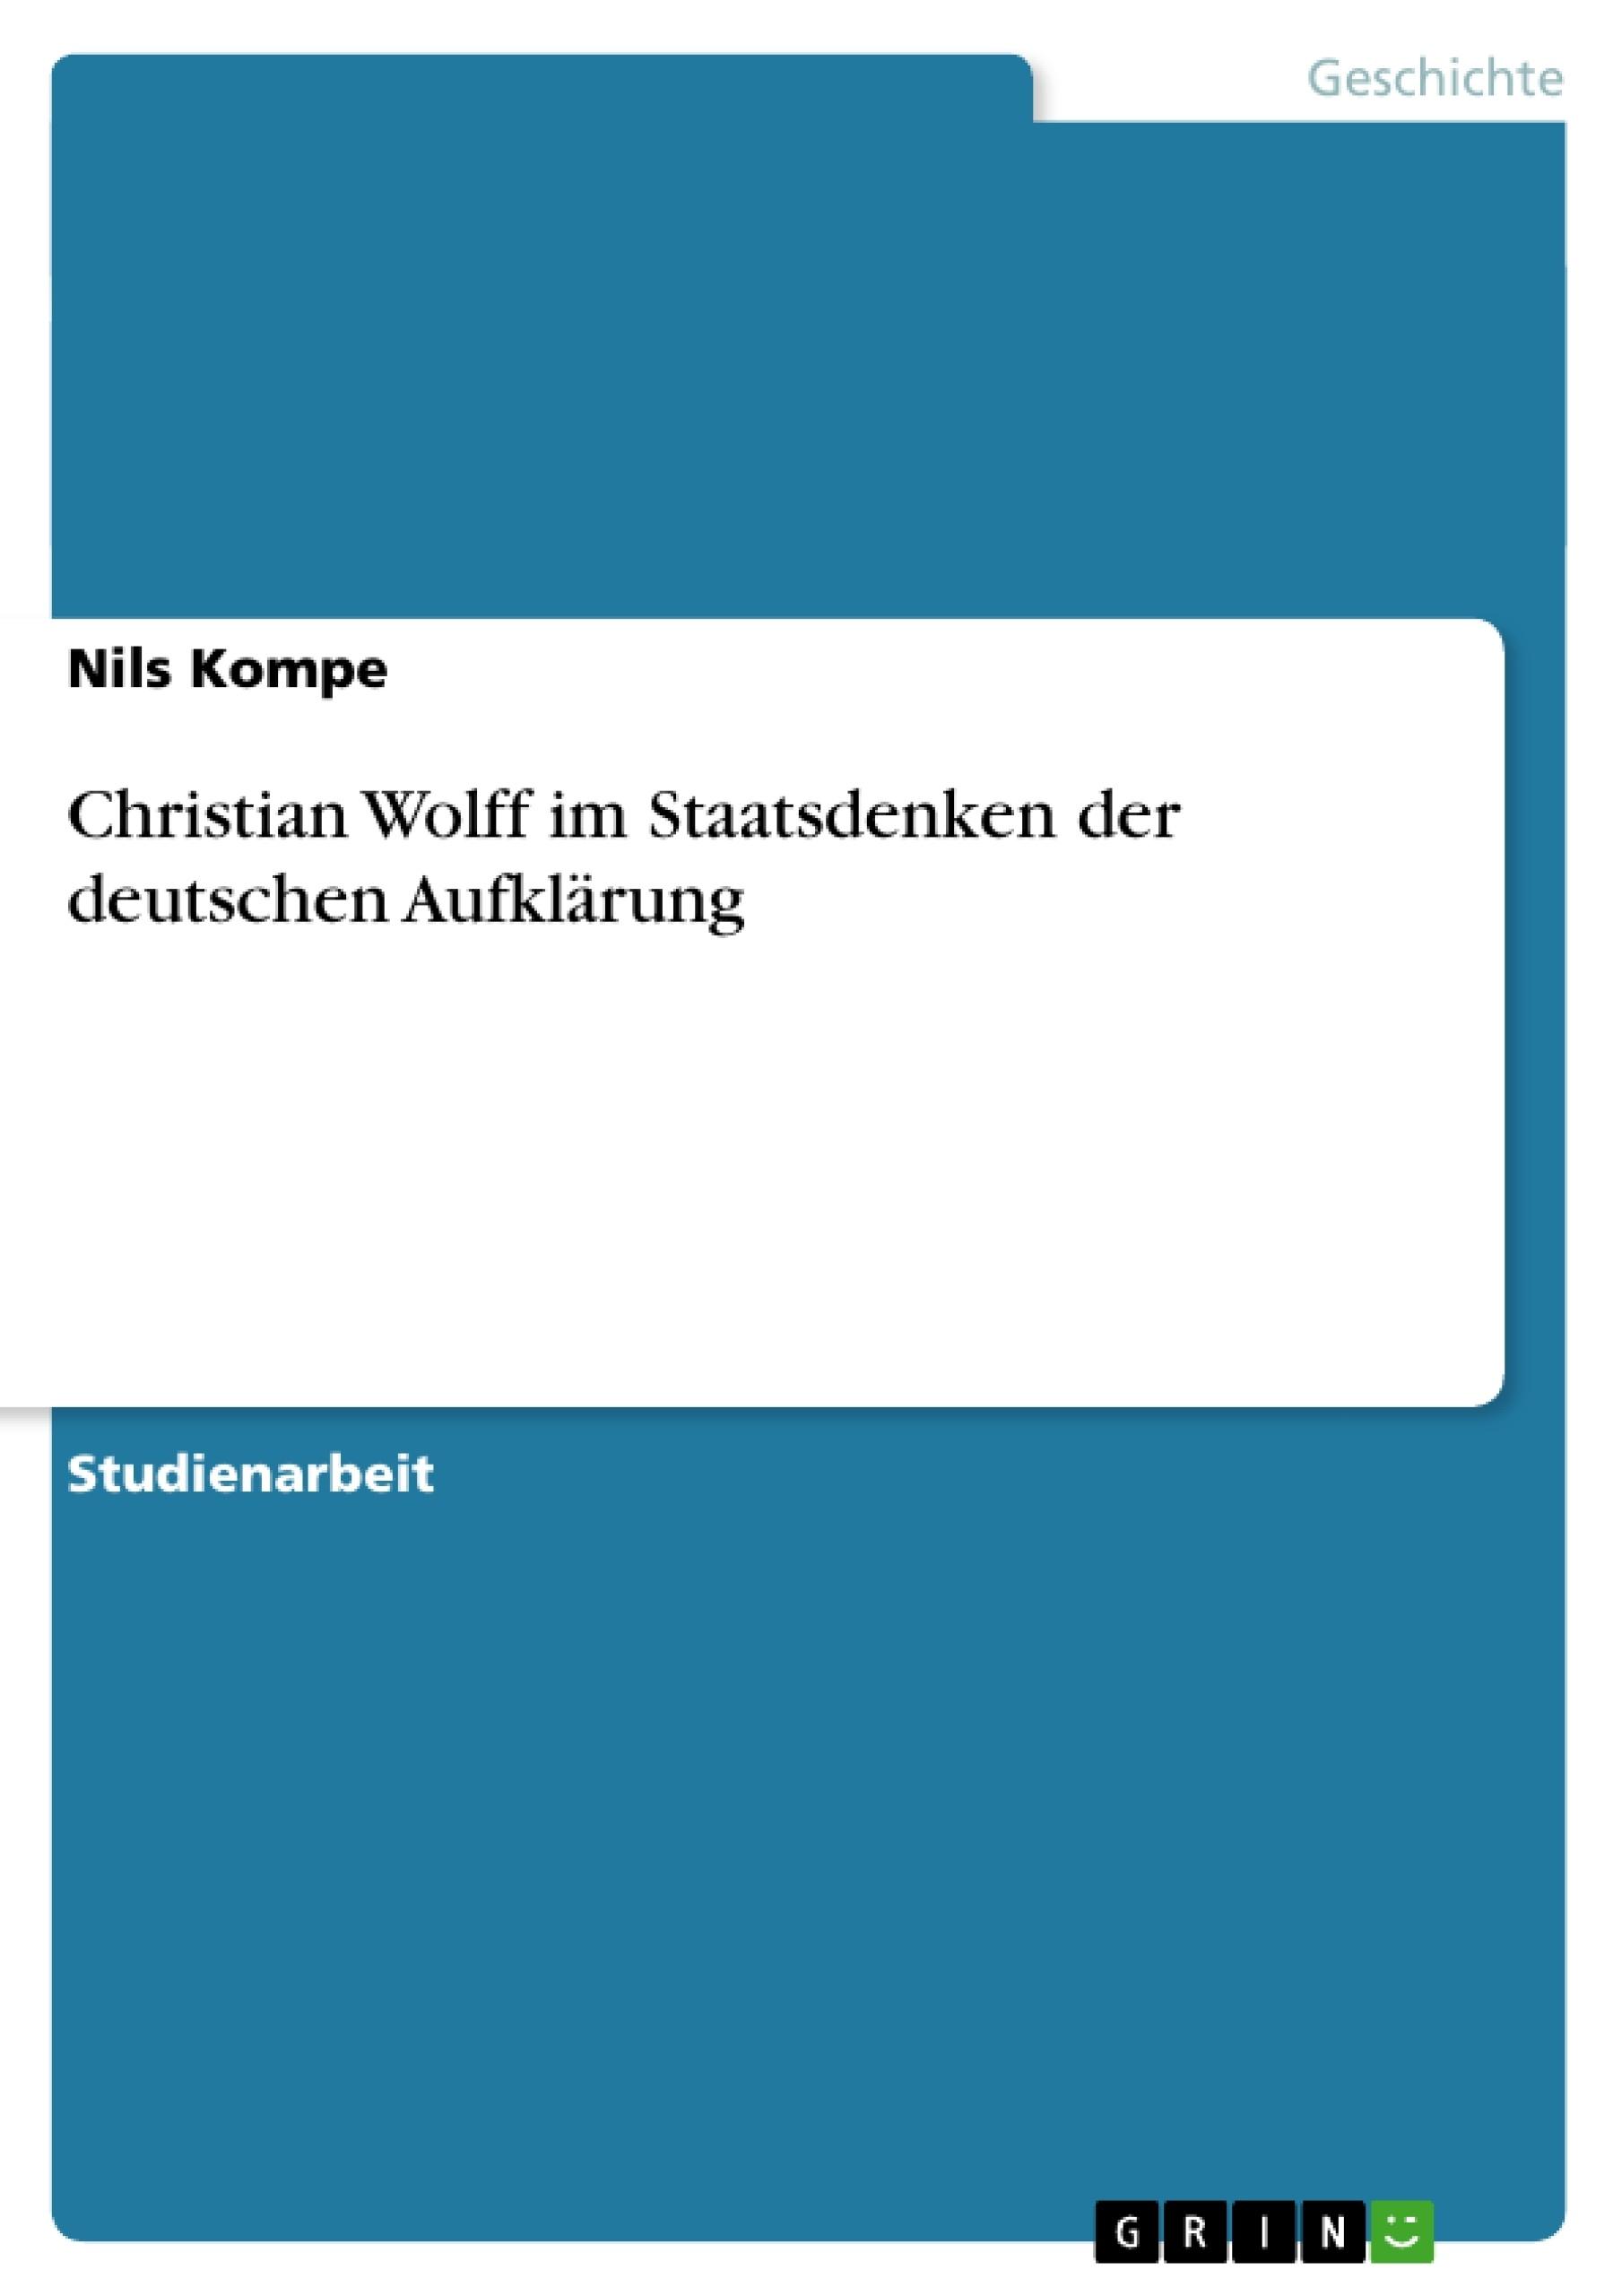 Titel: Christian Wolff im Staatsdenken der deutschen Aufklärung